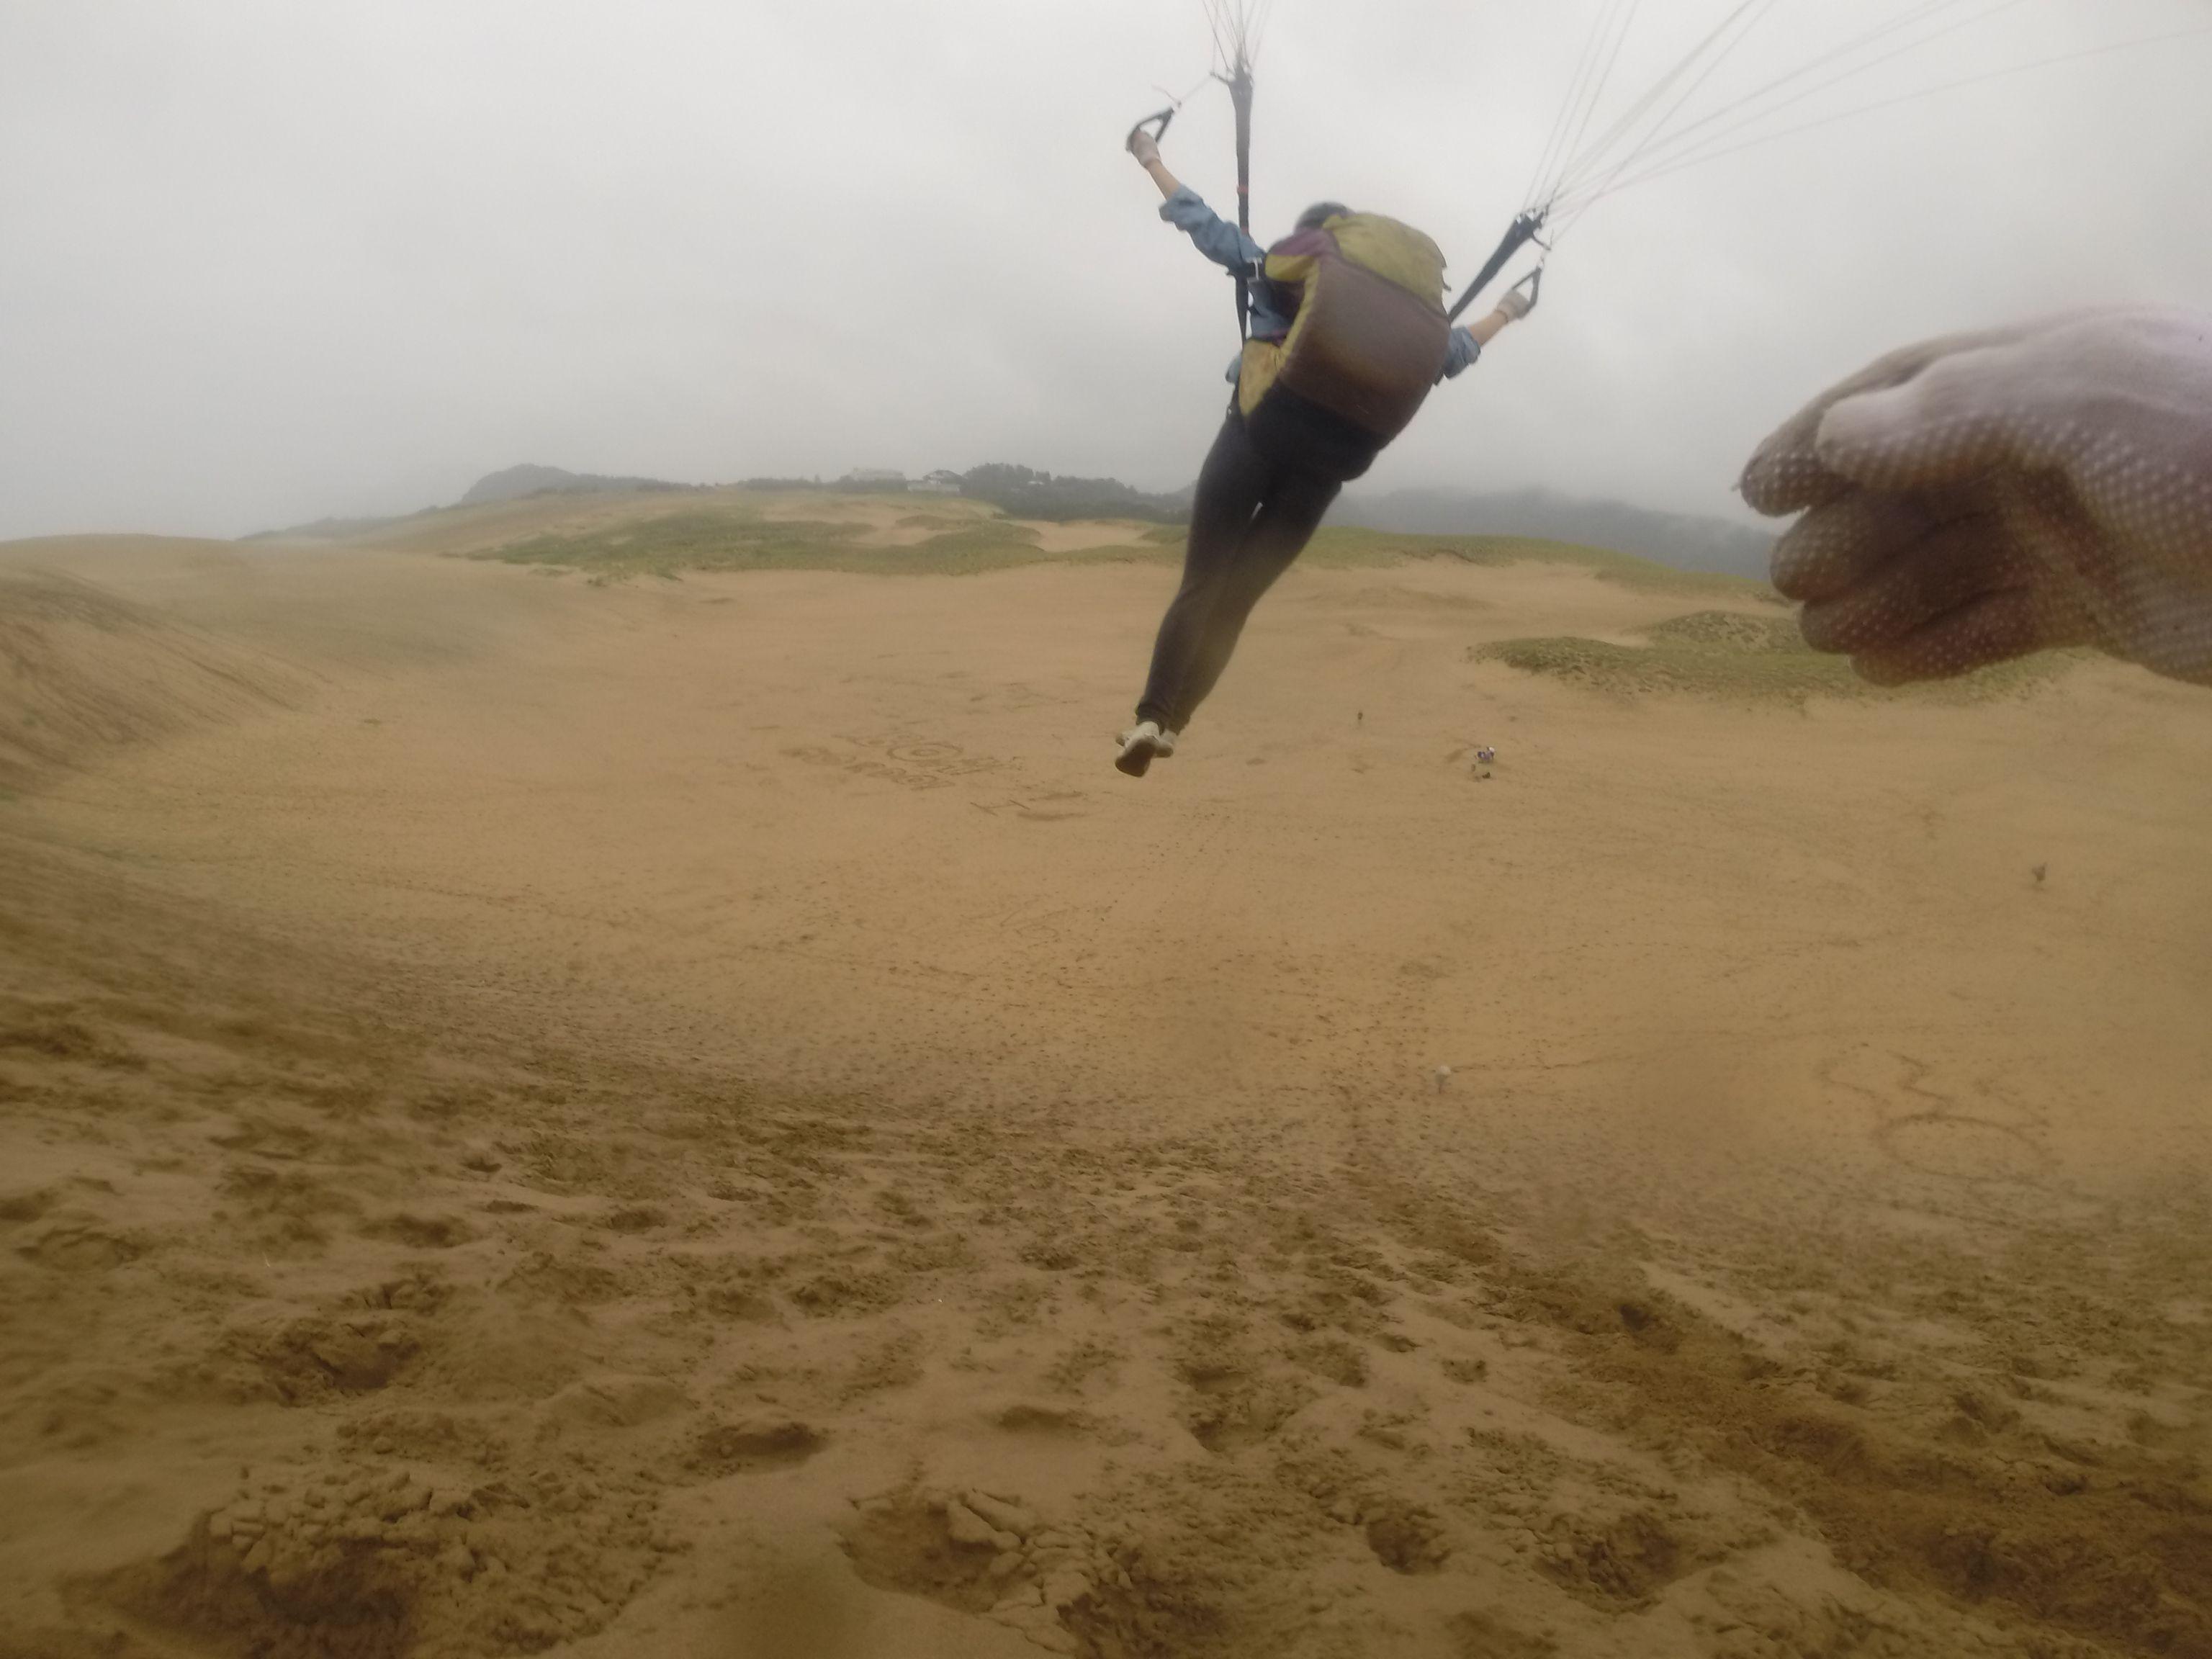 しっかり駆け抜けて大空へ飛び出せ